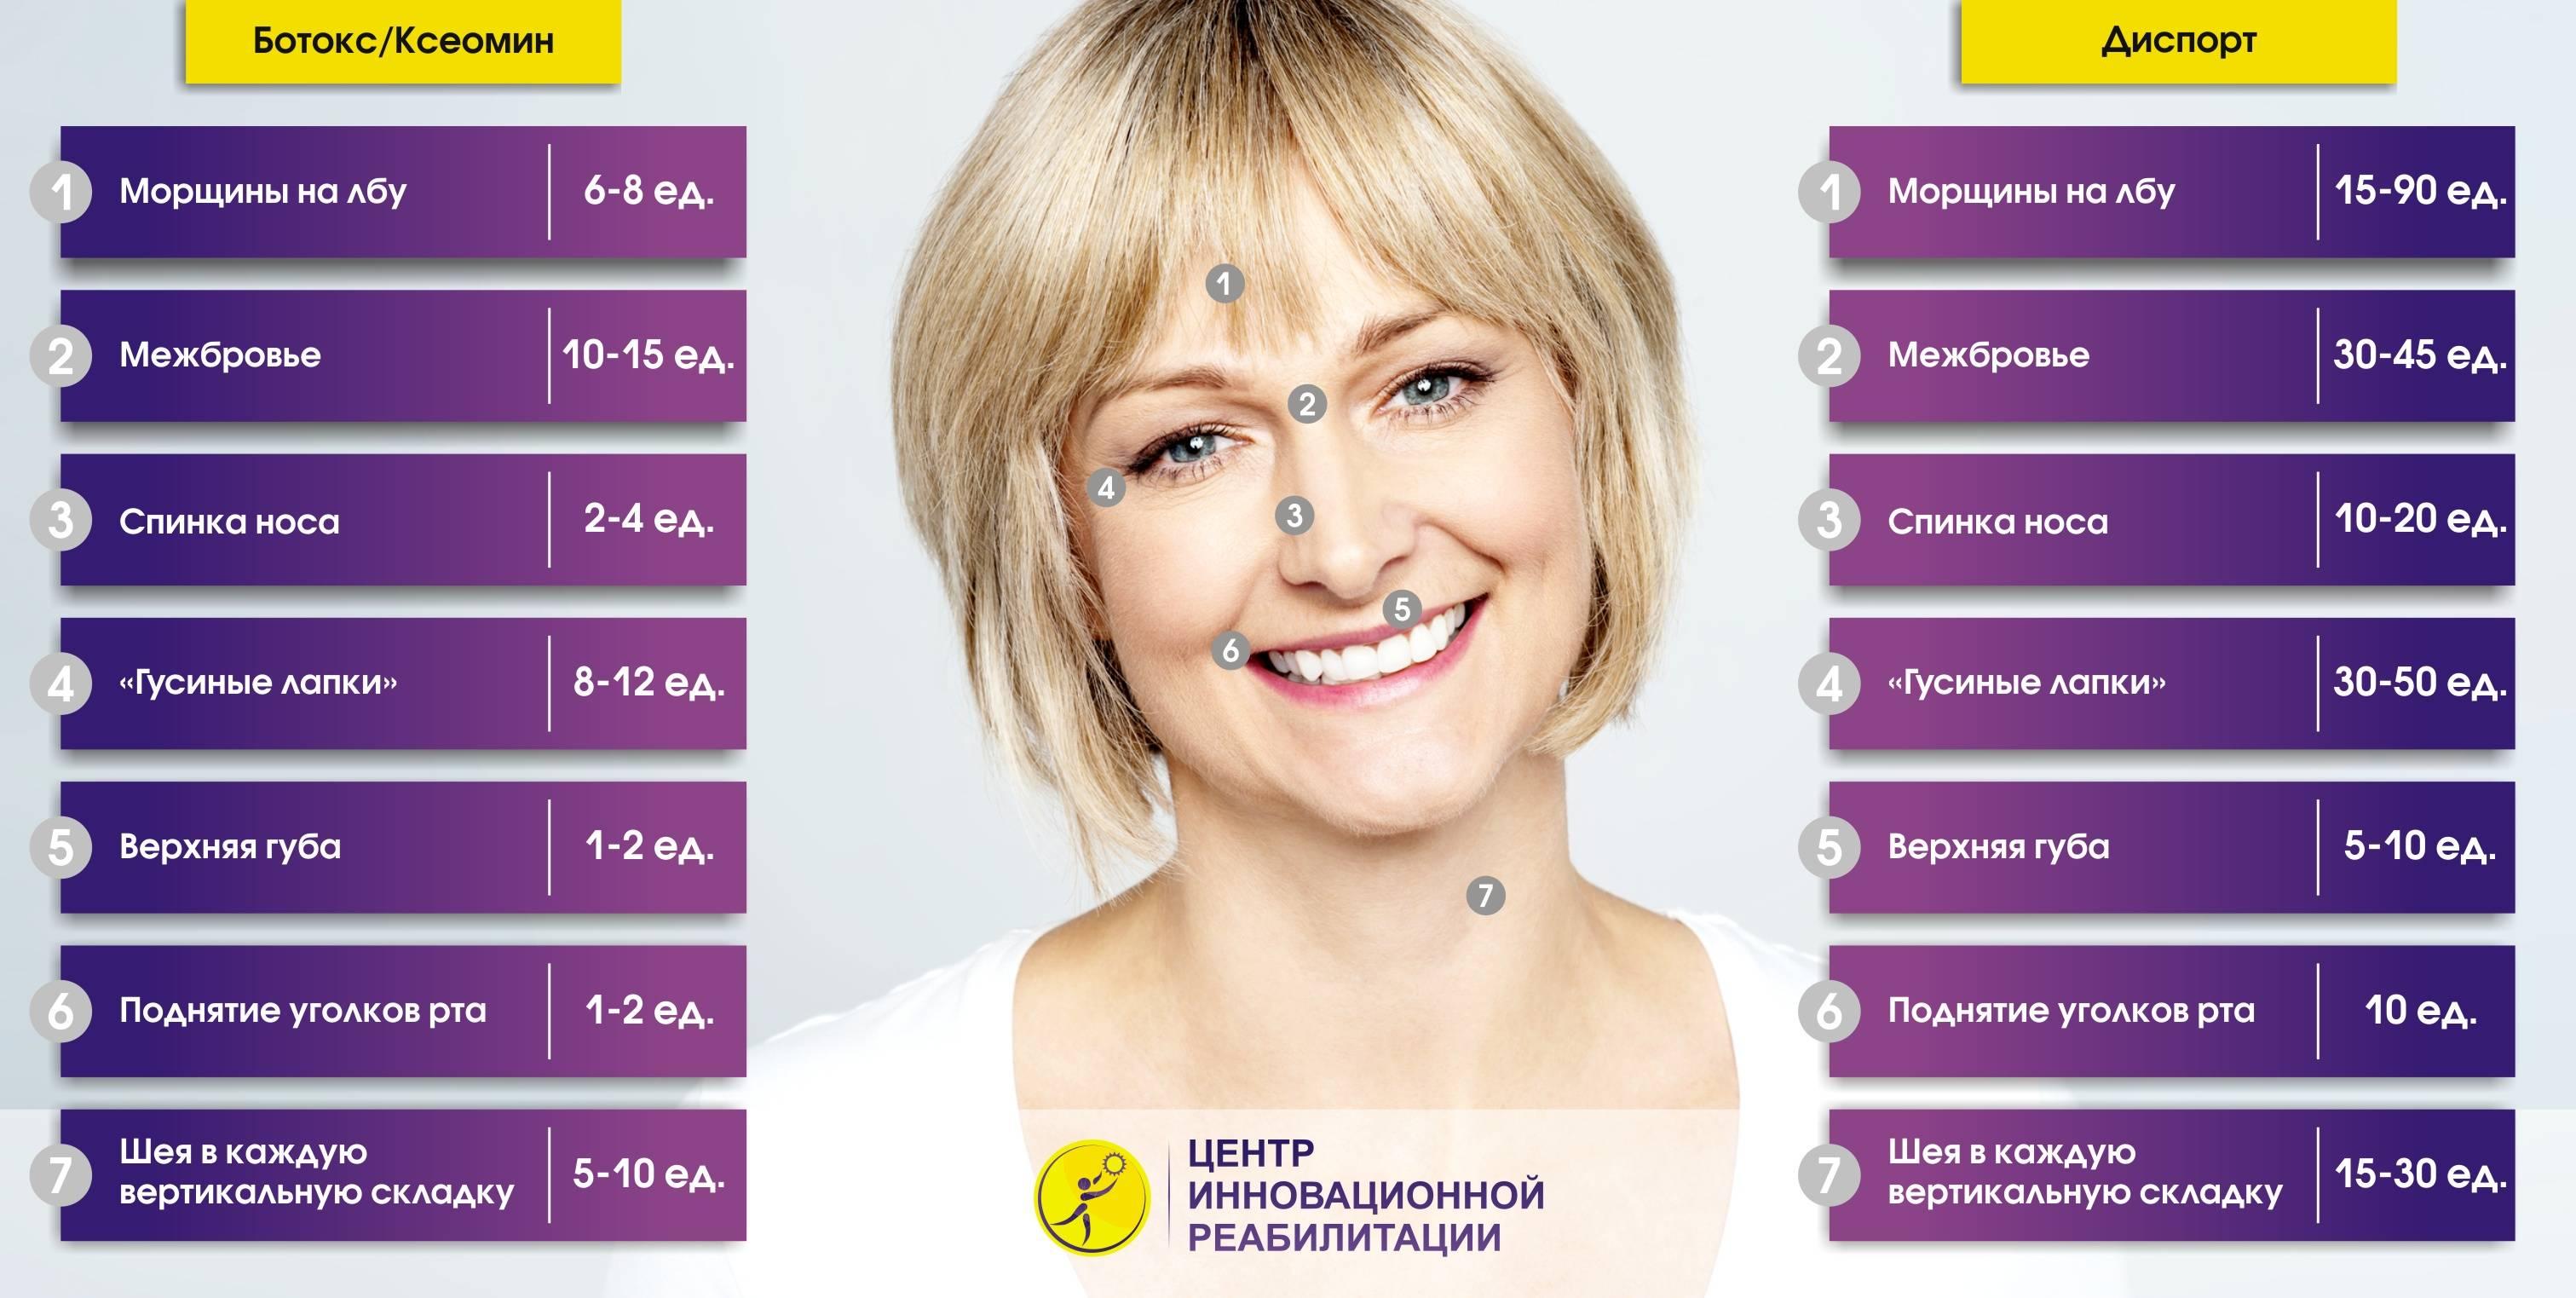 Омоложение без операции: сколько единиц диспорта нужно ввести в кожу лба, межбровья и других частей лица?